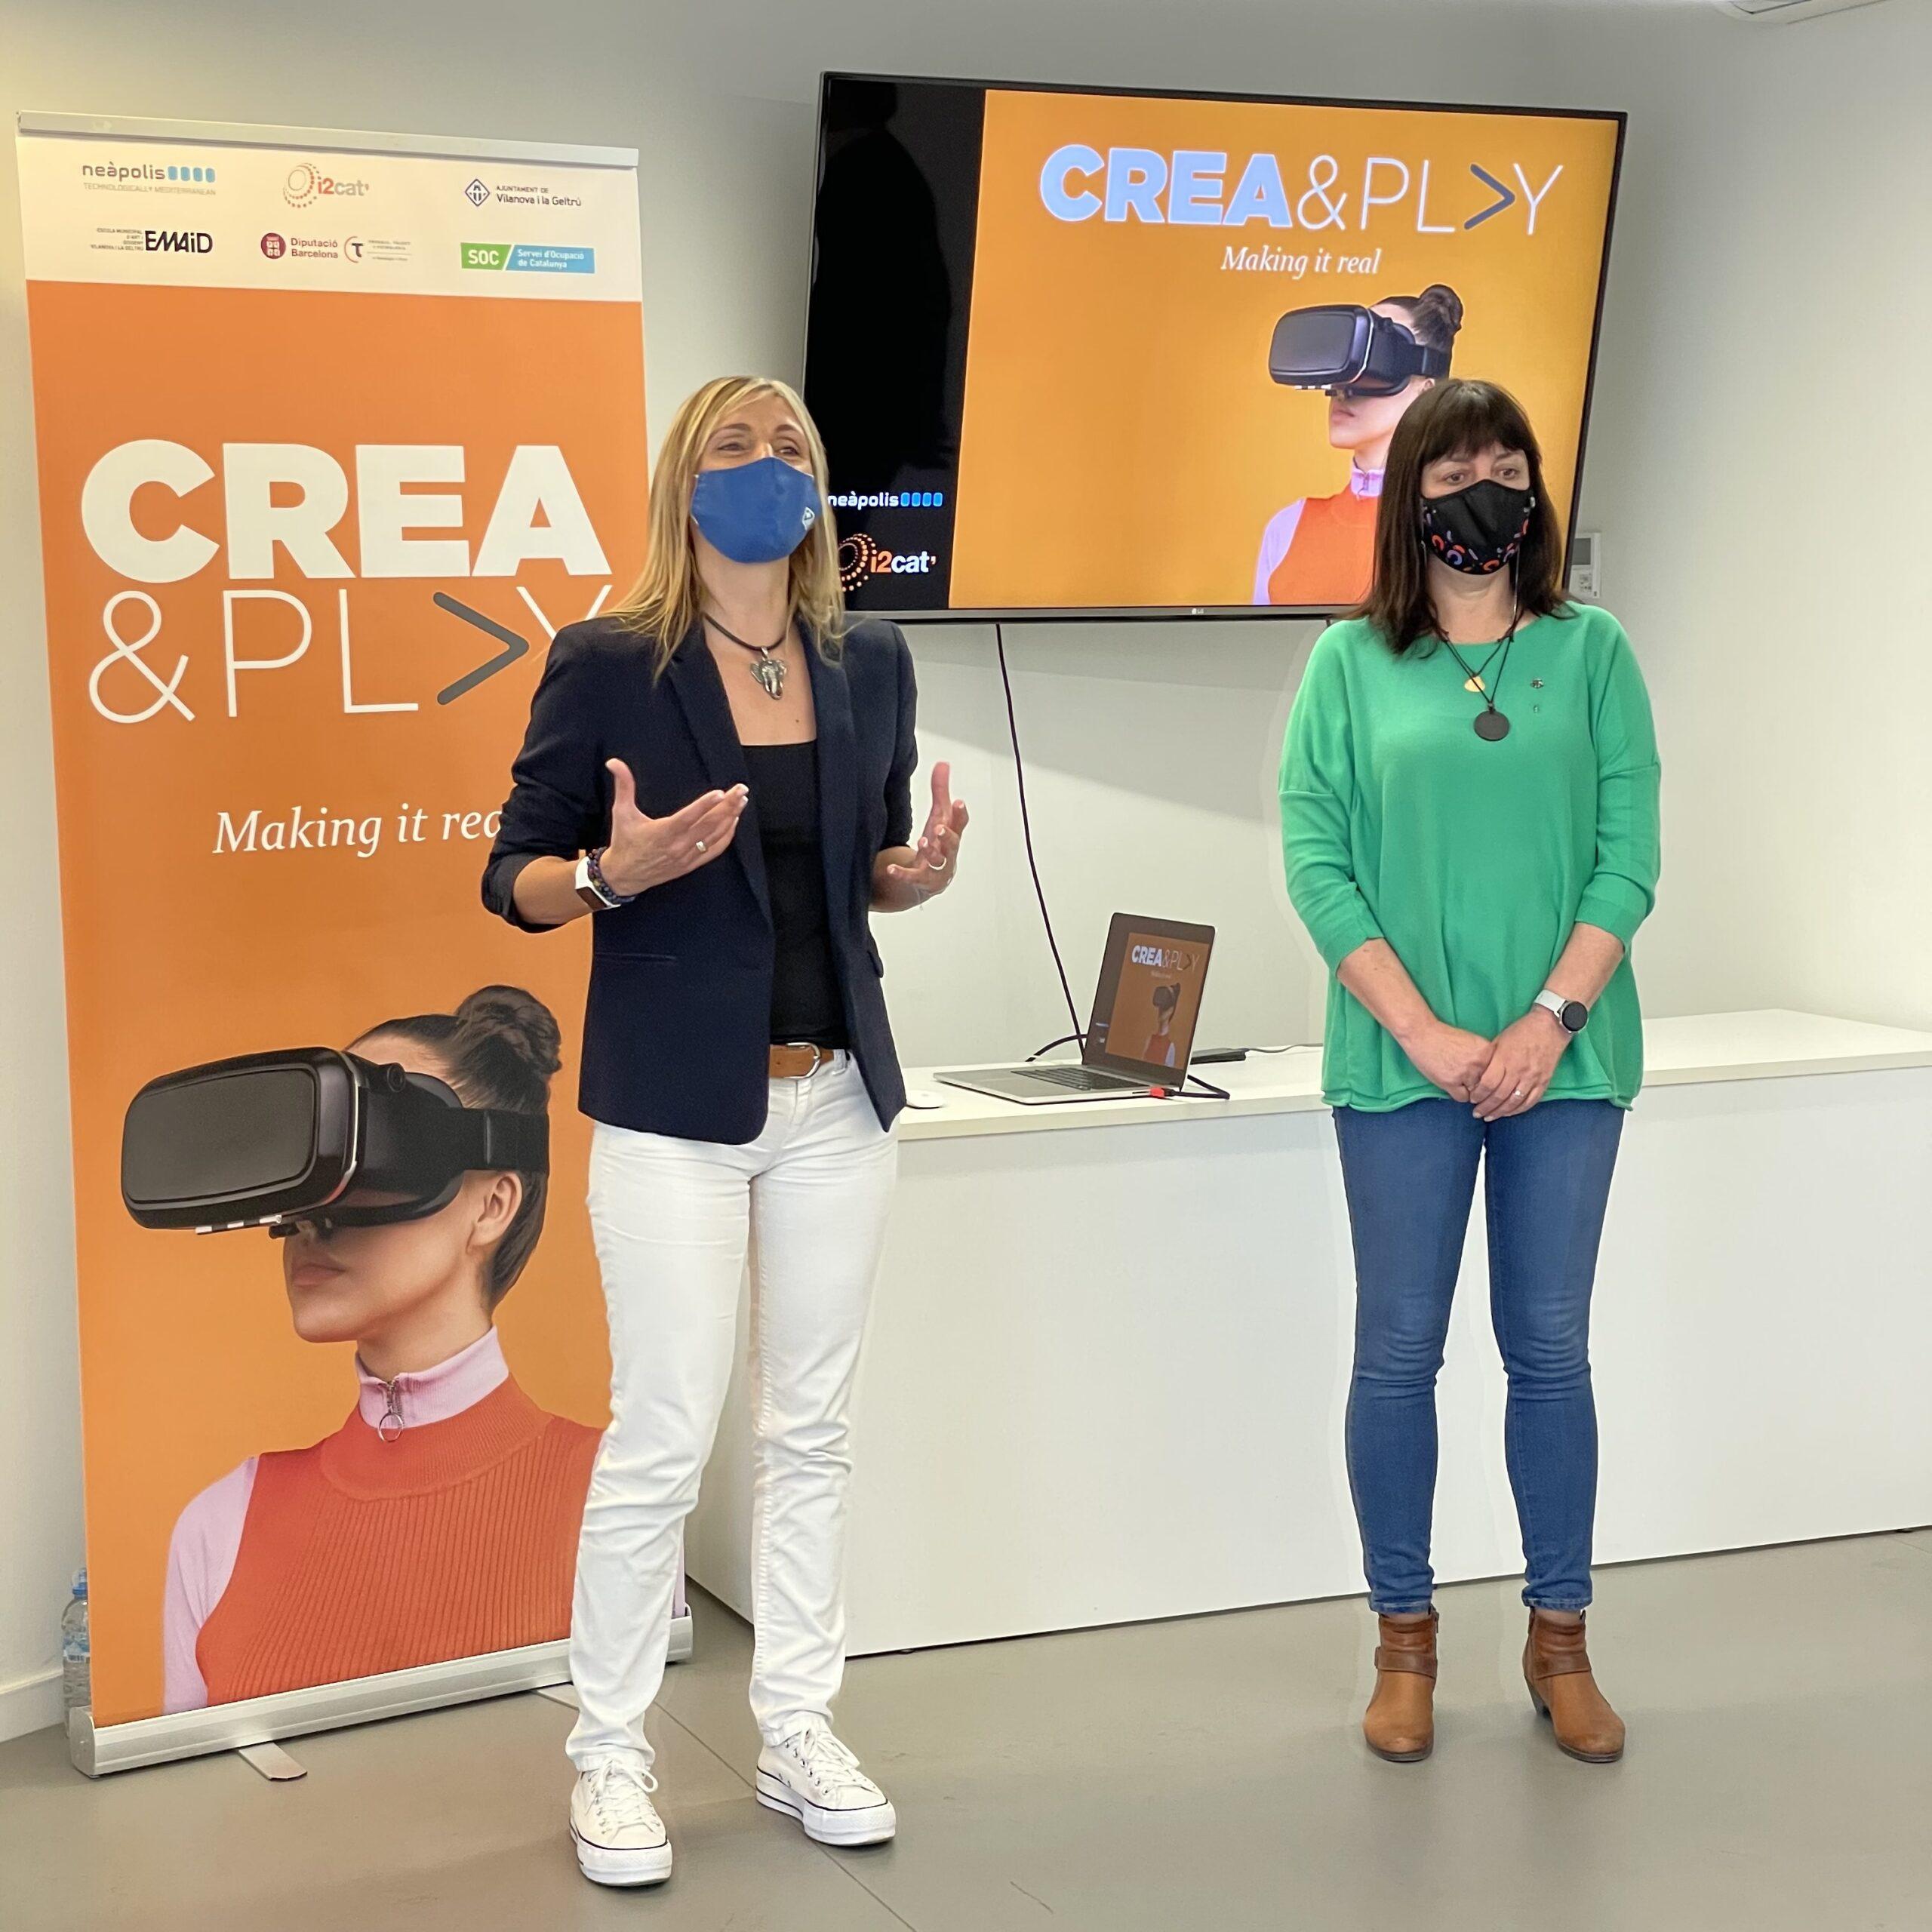 Crea&Play, el nou centre de gamificació i realitat virtual ubicat a Neàpolis